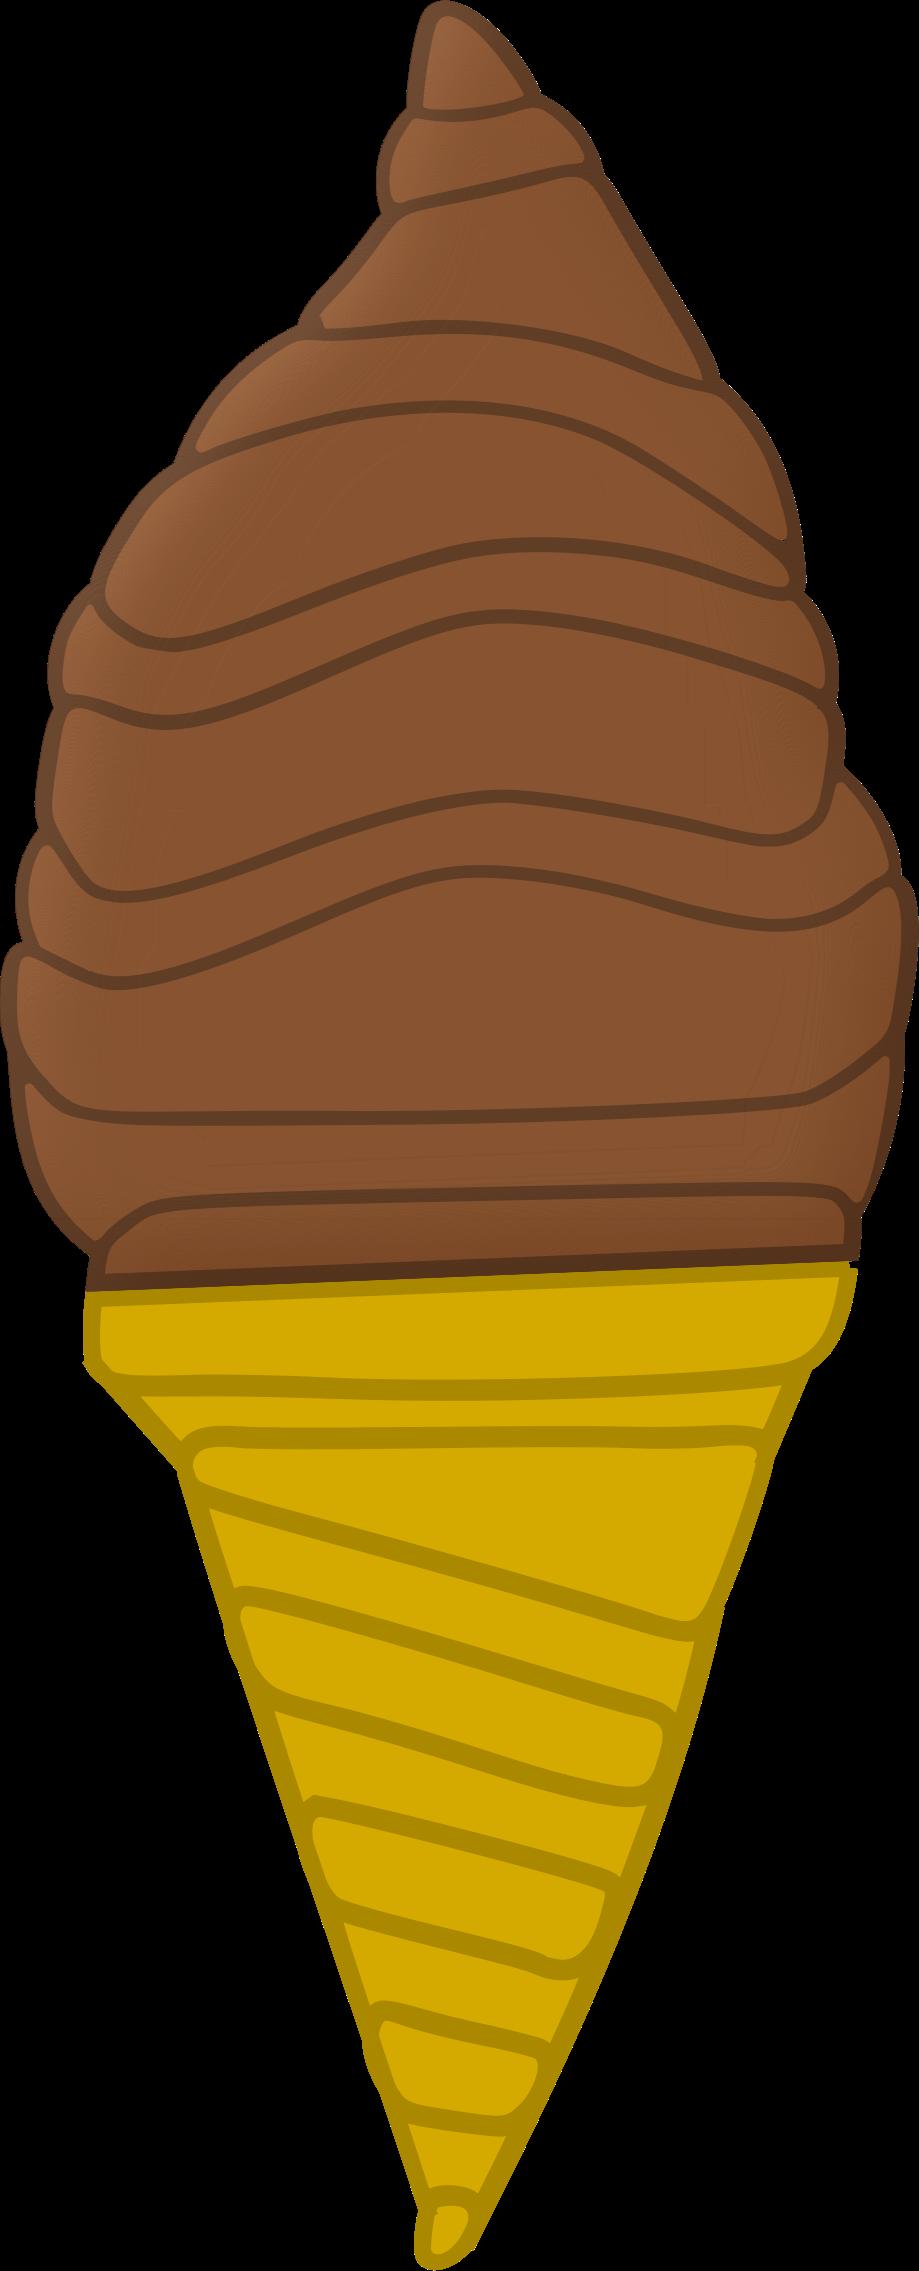 Ice cream cone big. Icecream clipart chocolate